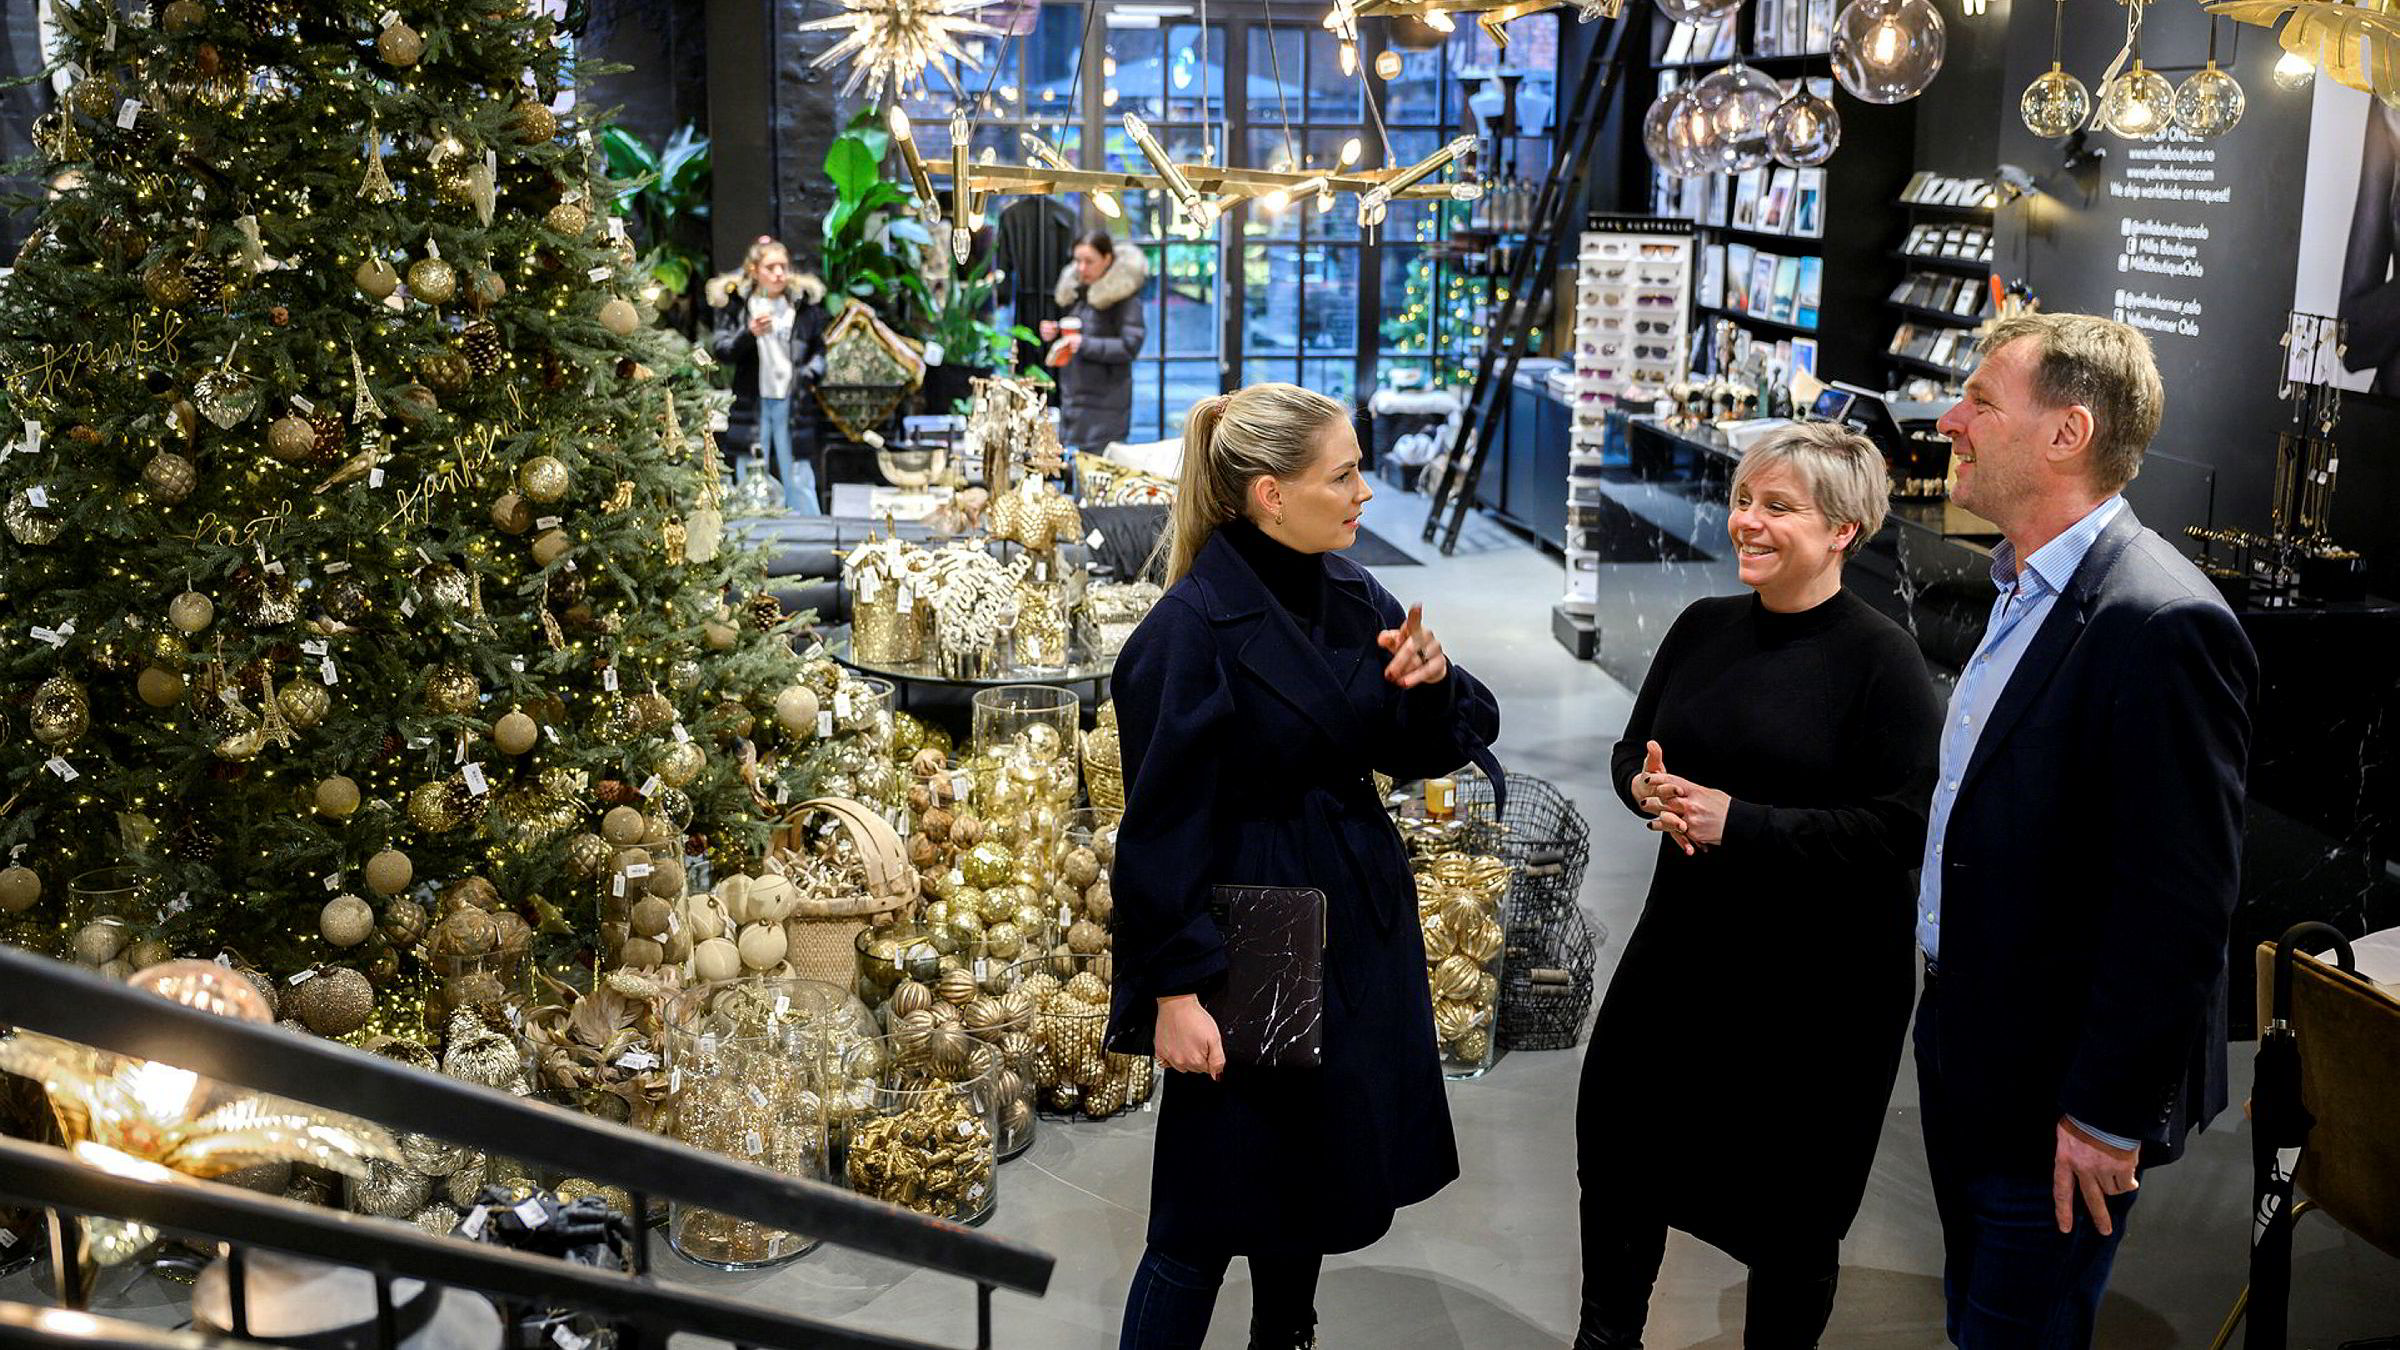 Den frittstående butikken Milla Boutique på Aker Brygge dropper Black Friday. Administrativ leder Tine Robertson (i midten) sammen med destinasjonsjef Thomas Nygård og markedsansvarlig Mim Stang.